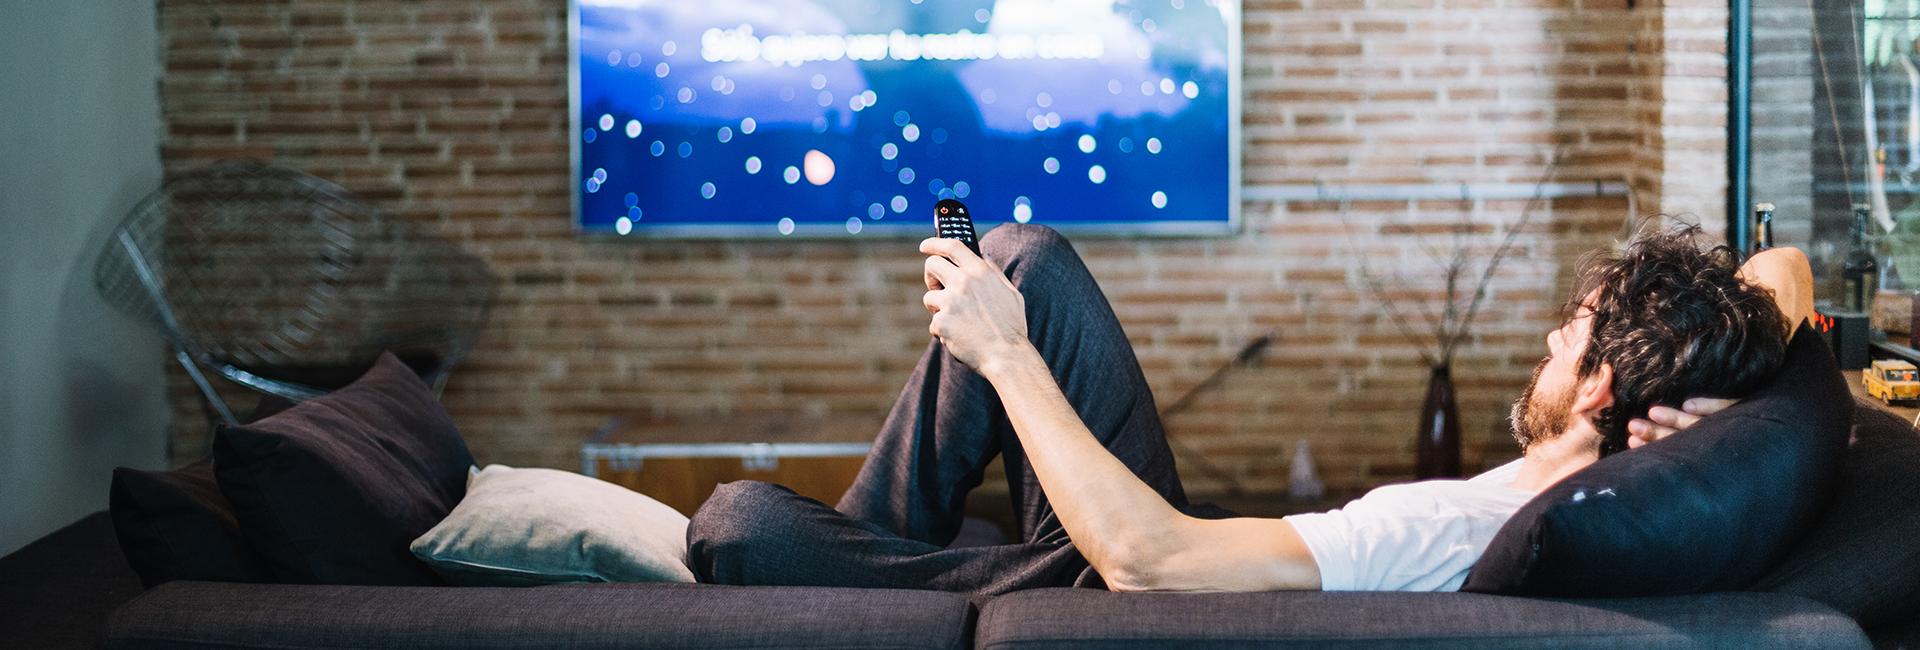 Quale è la giusta distanza tra TV e DIVANO?